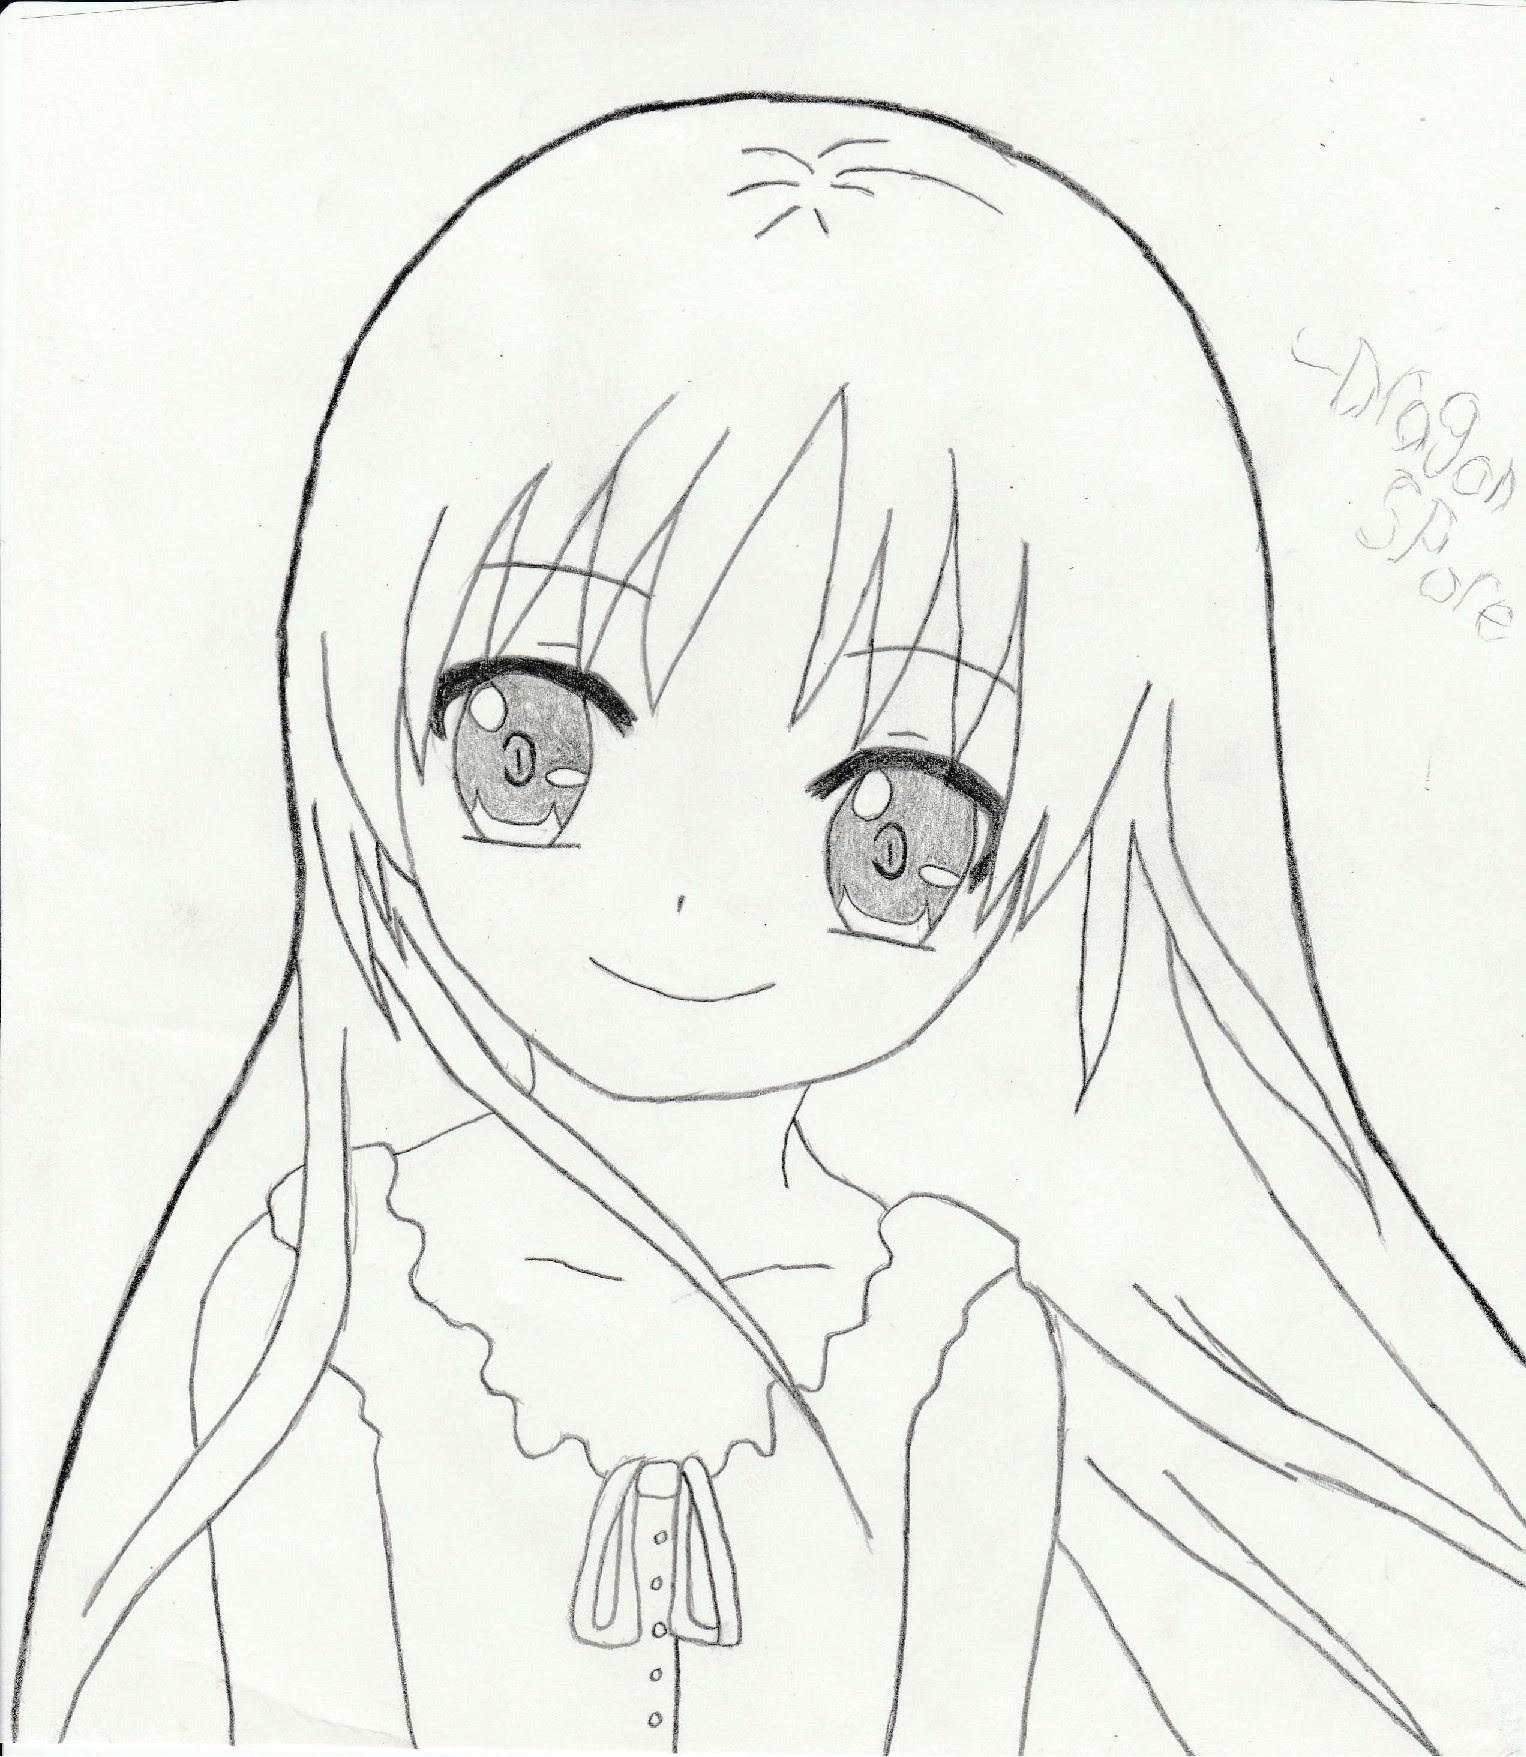 Crying Anime Girl Dr